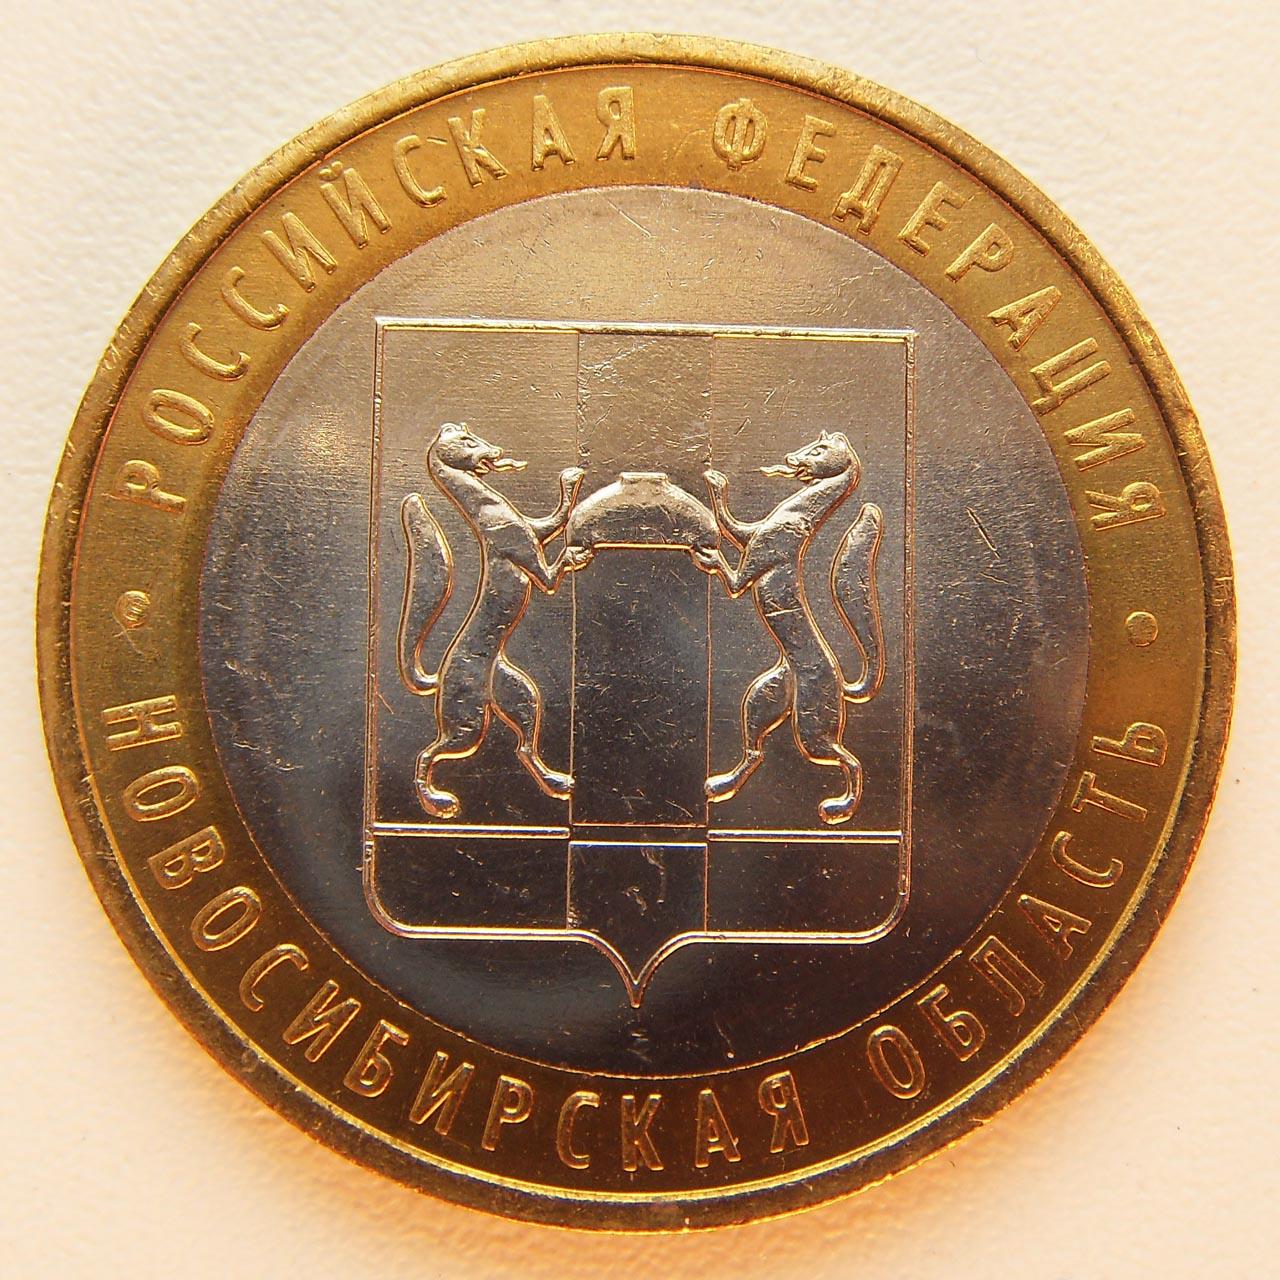 Монета 10 рублей ростовская область 2007 цена металлоискатель из китая купить